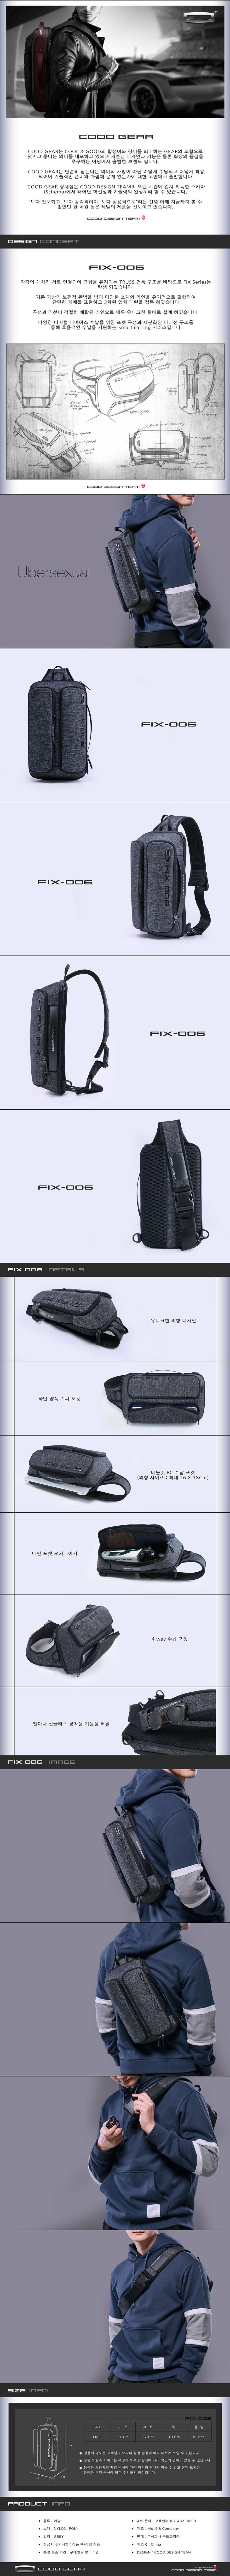 [쿠드기어]COODGEAR - FIX 006 SLING BAG(GREY) 슬링백